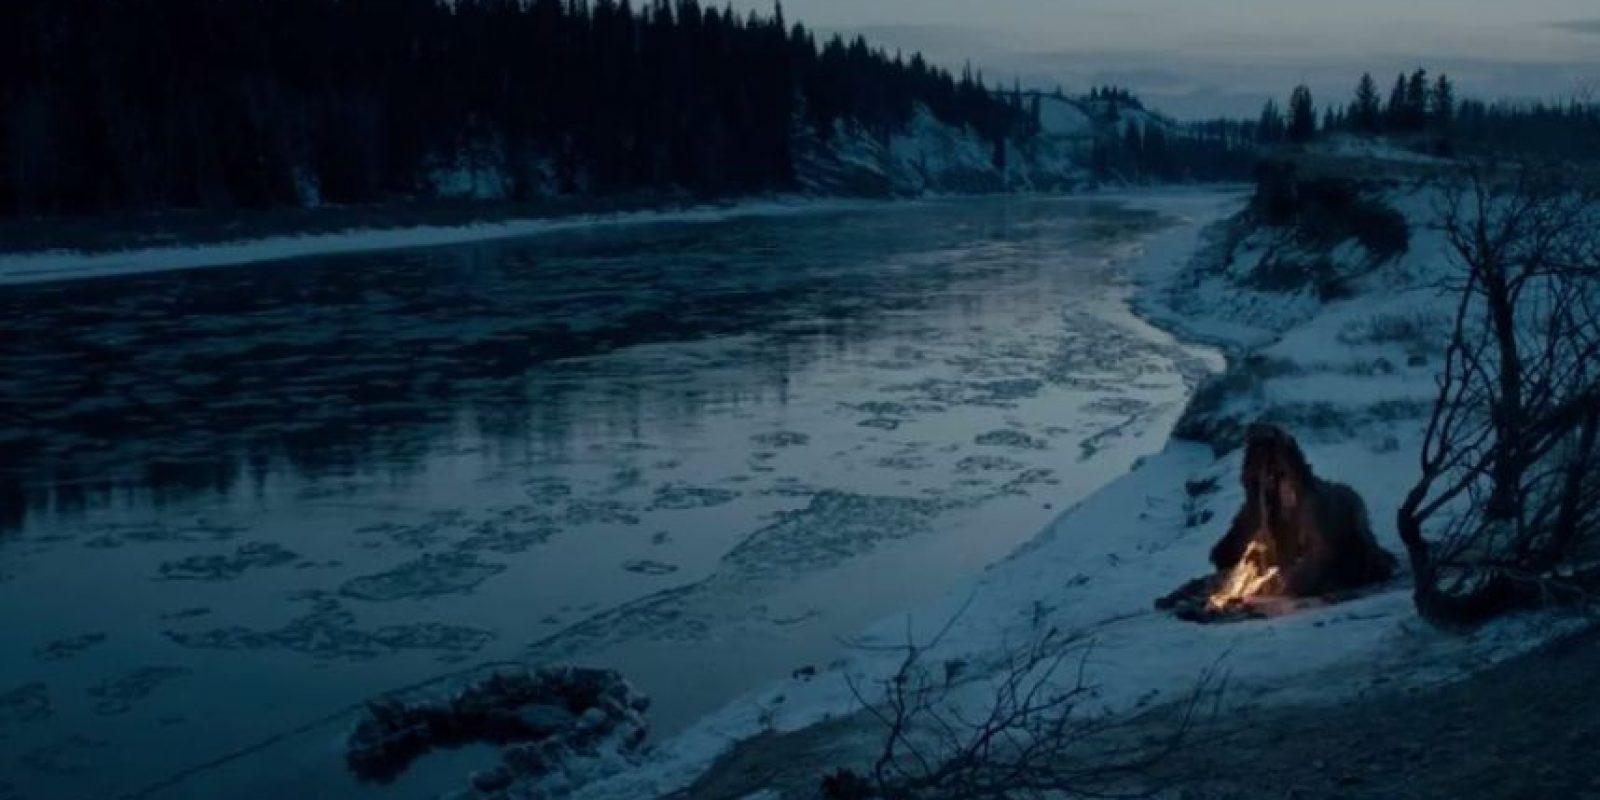 El filme está basado en la historia del explorador Hugh Glass. Foto:20th Century Fox